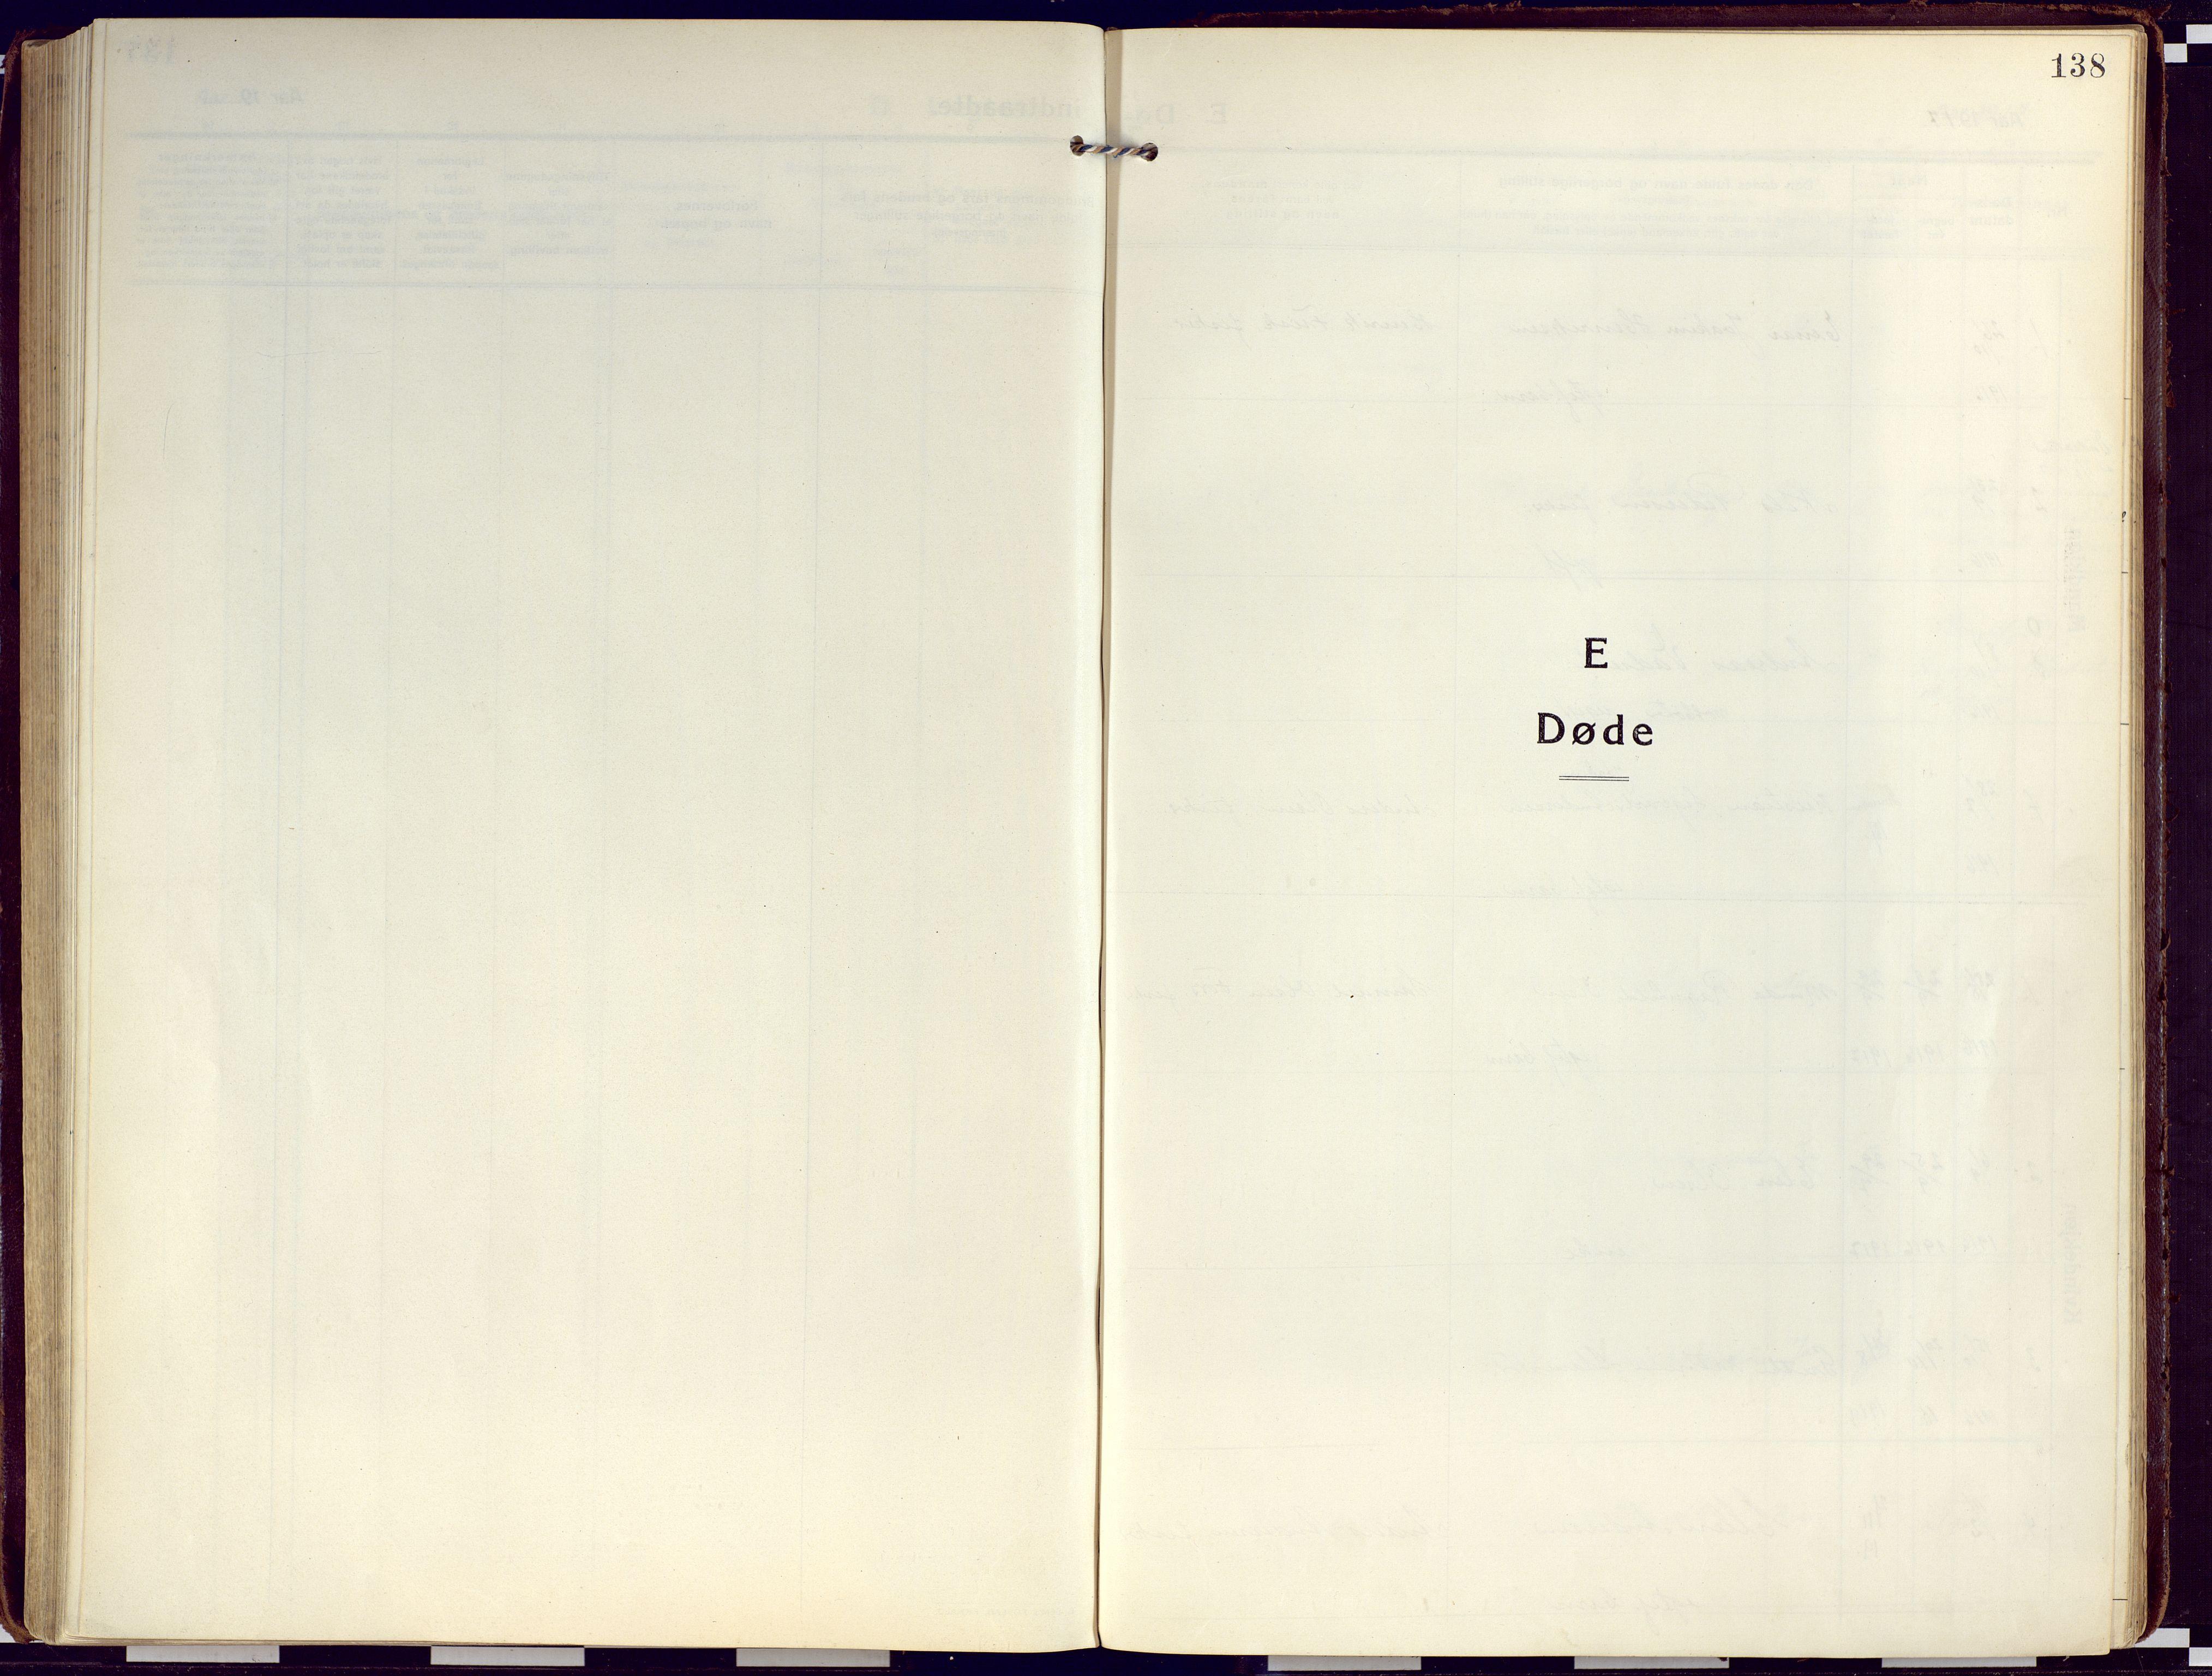 SATØ, Loppa sokneprestkontor, H/Ha/L0012kirke: Ministerialbok nr. 12, 1917-1932, s. 138